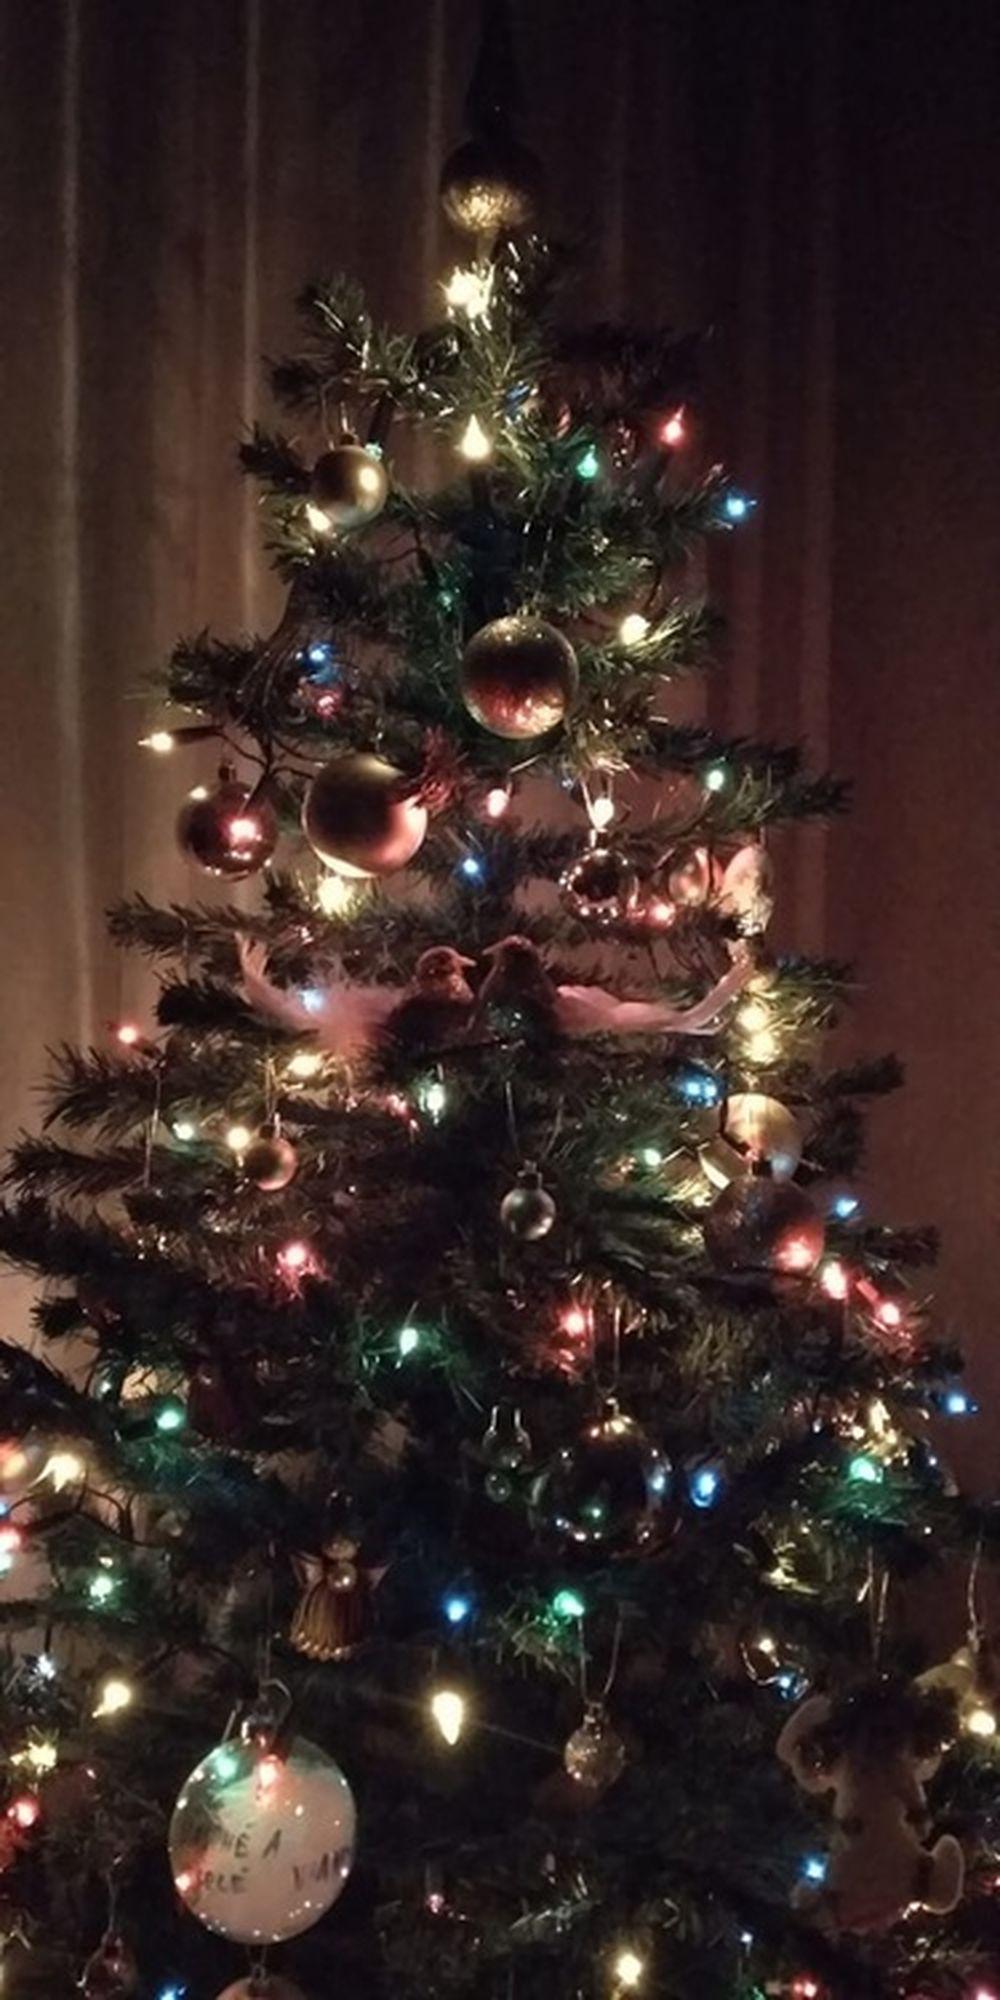 FOTO: Vianočné stromčeky v Žiline - výber fotografií našich čitateľov, foto 69